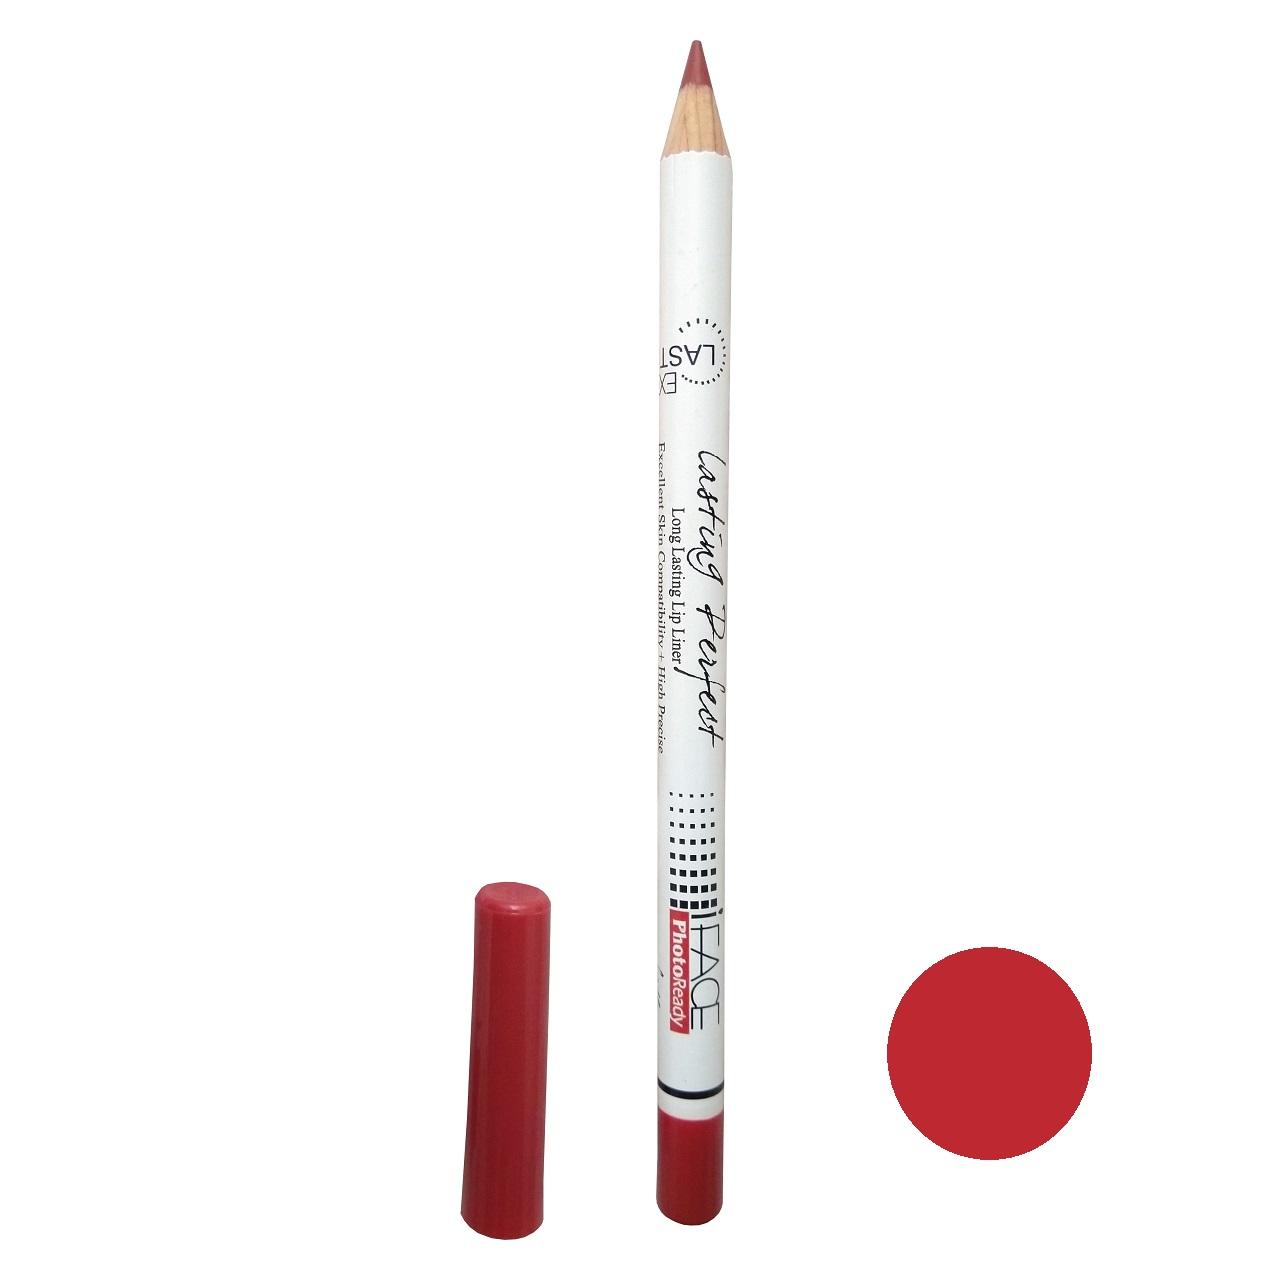 مداد لب آی فیس شماره L-16